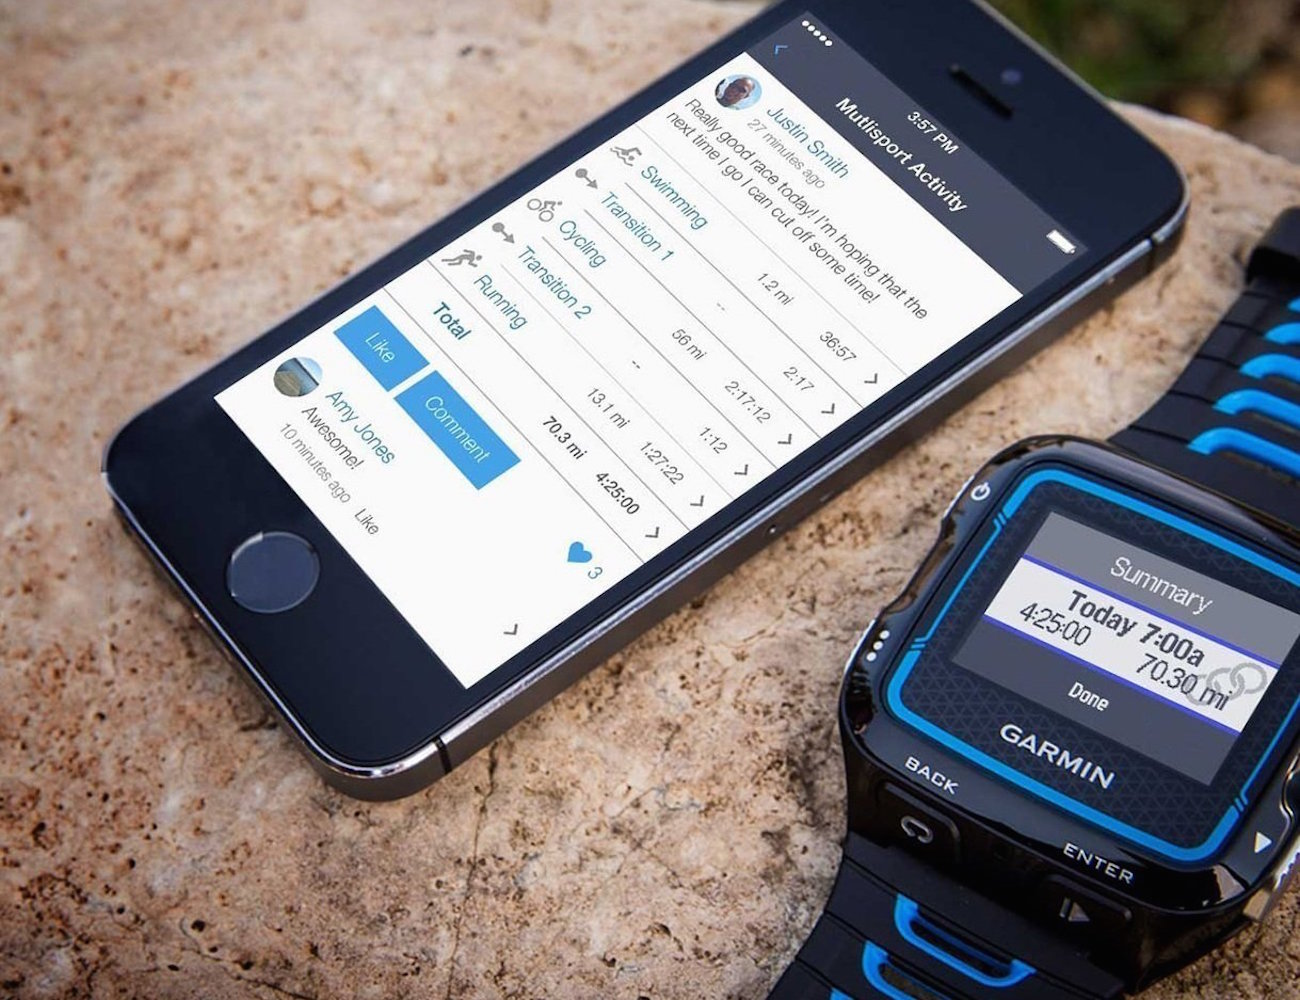 Garmin Forerunner 920XT GPS Fitness Watch